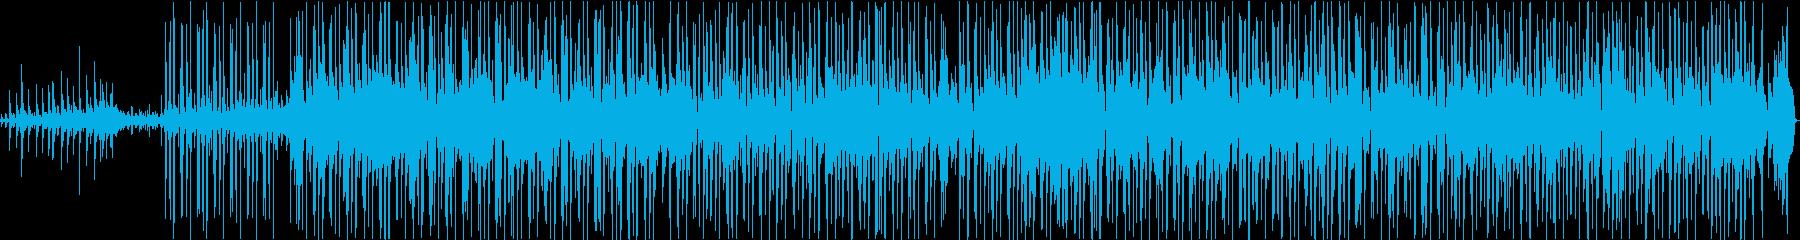 ユニークなジャズ楽器のキュー。フル...の再生済みの波形